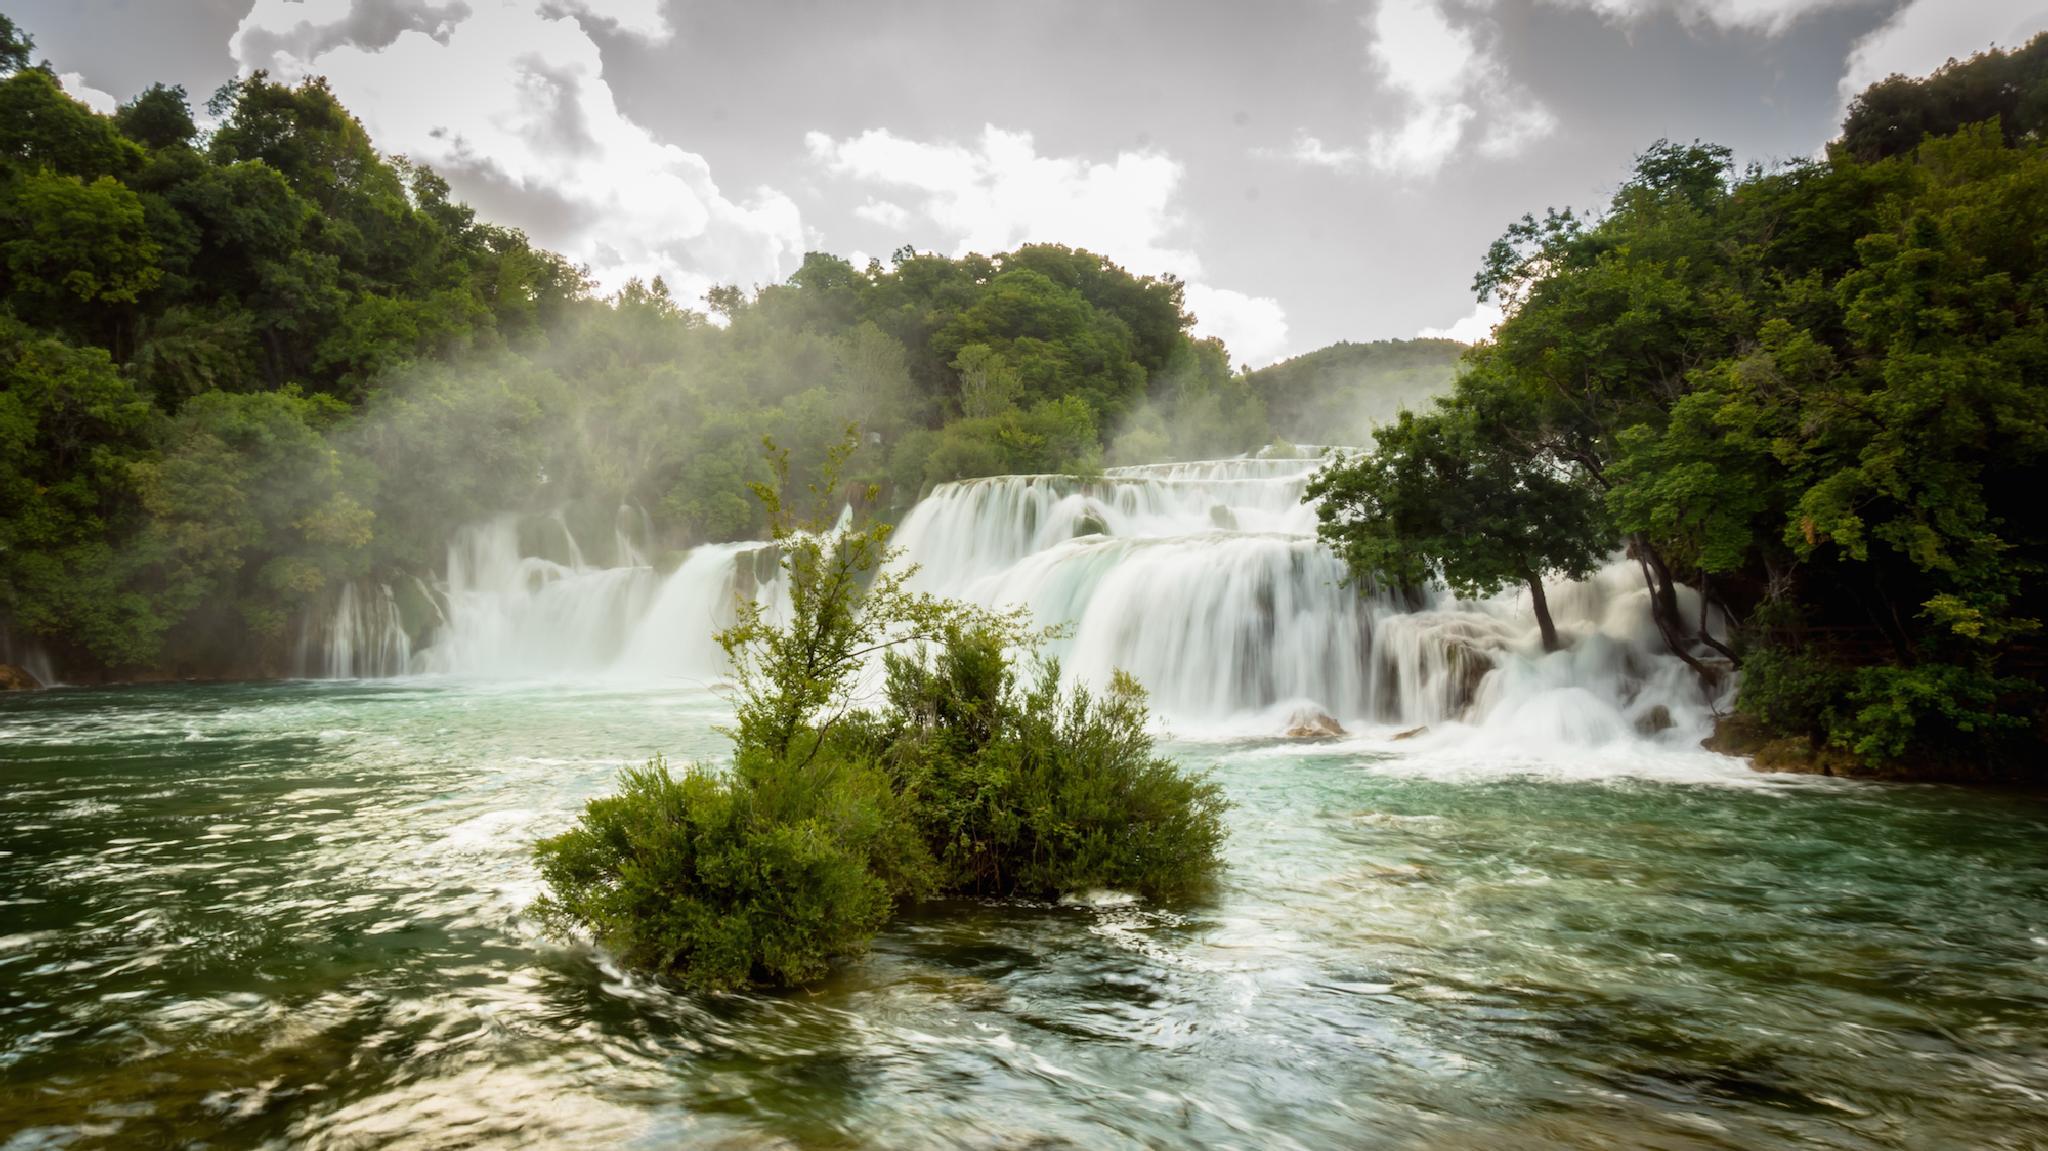 Waterfall 2 by Steve Garratt